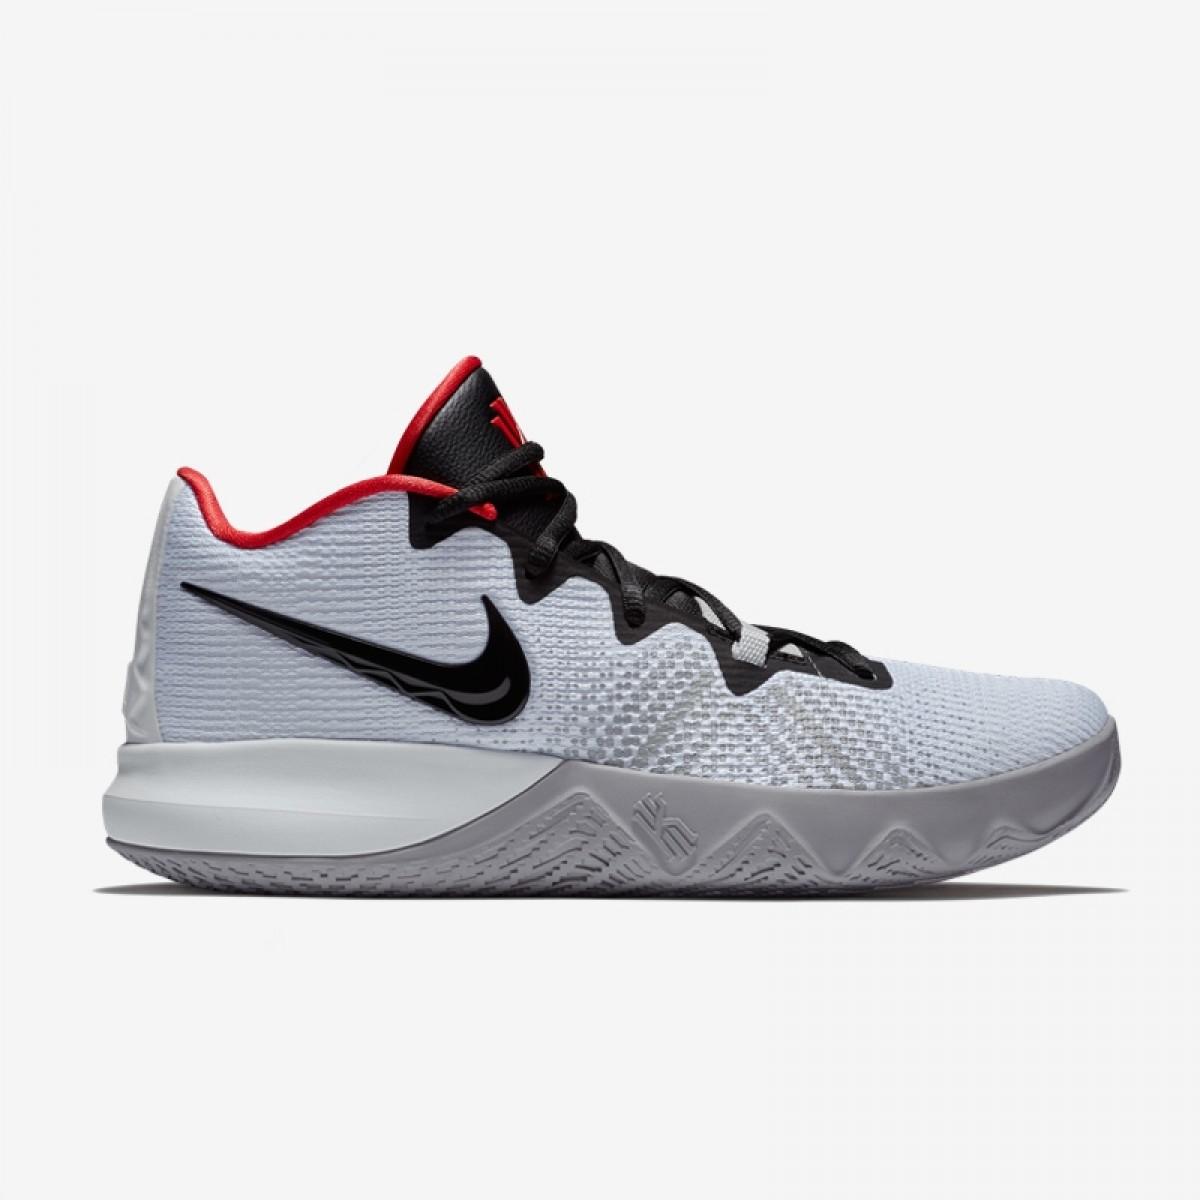 4af2644731e Comprar Nike Kyrie Flytrap  Advanced  Zapatillas Baloncesto y mucho más